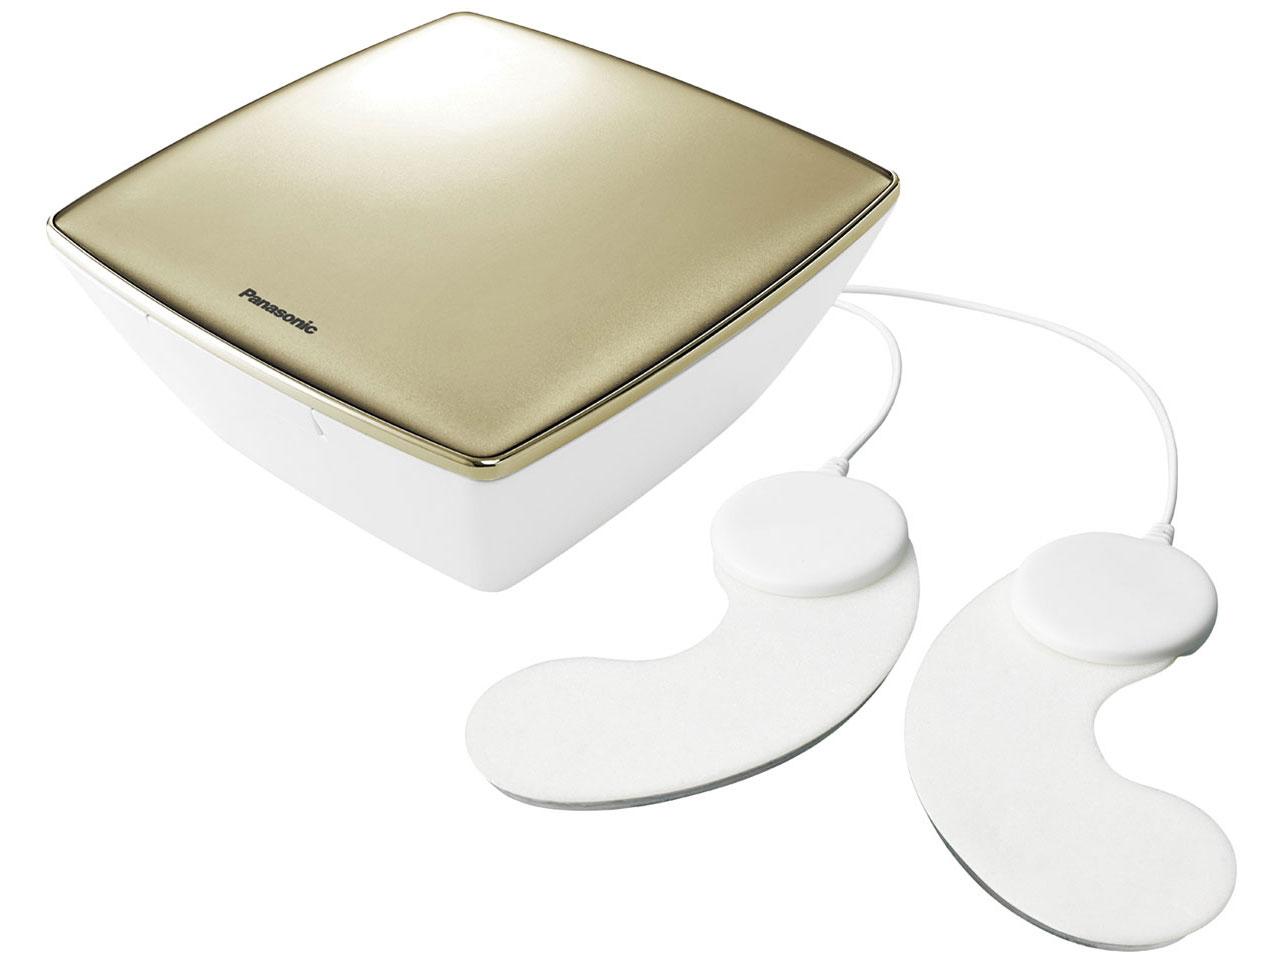 Panasonic パナソニック 低周波治療器 ポケットリフレ EW-NA65-N シャンパンゴールド【即納・送料無料】